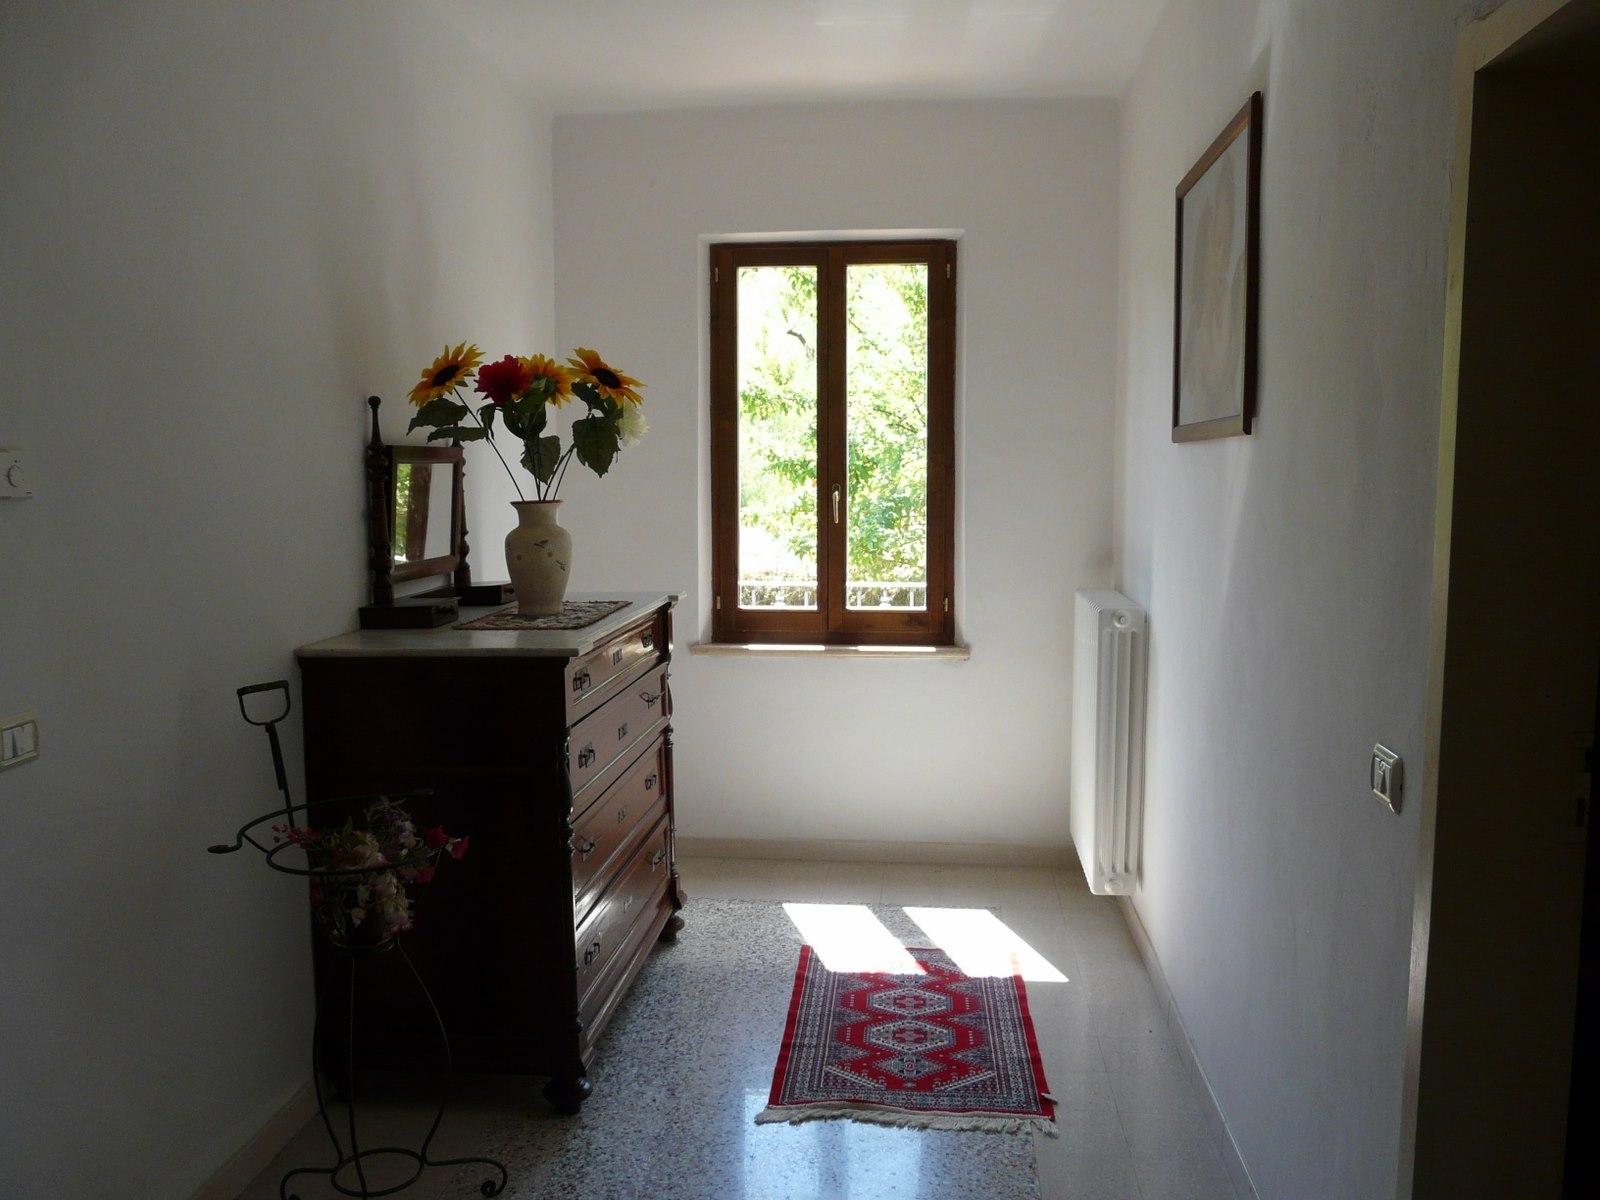 Ferienhaus La Priora (870401), Montedinove, Ascoli Piceno, Marken, Italien, Bild 12